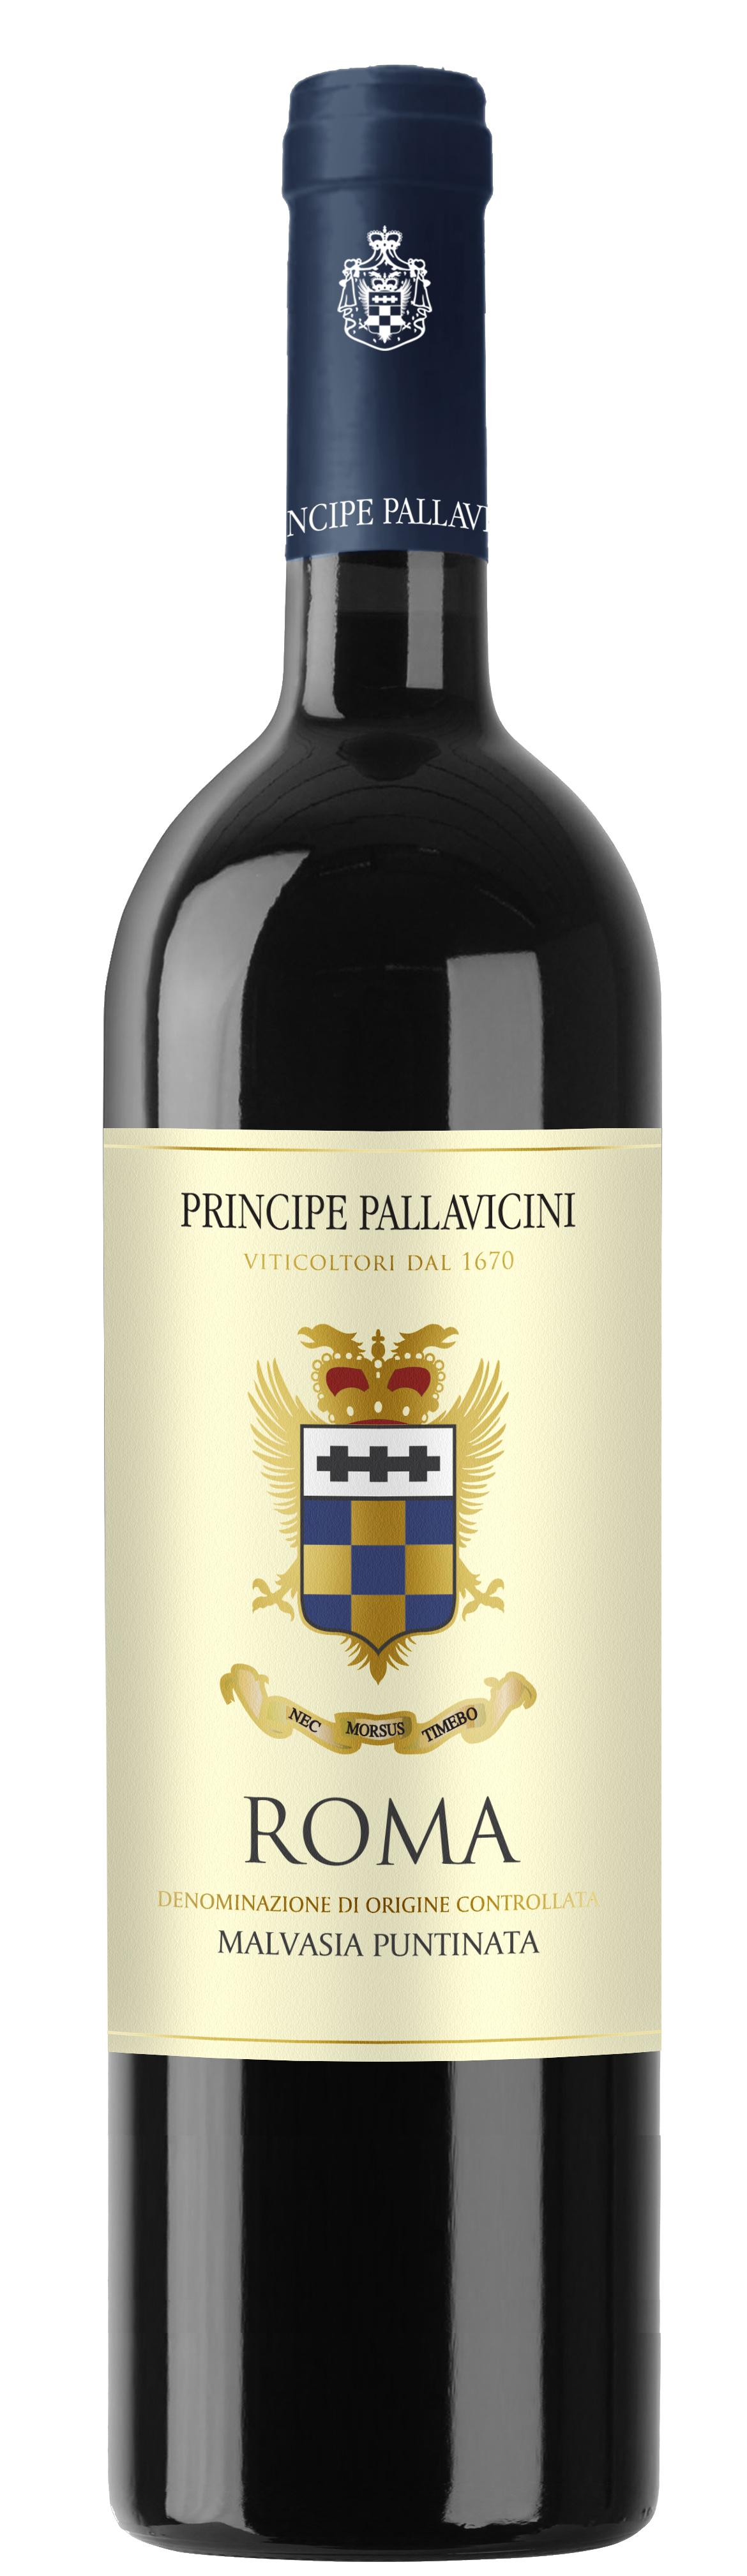 Principe Pallavicini, Malvasia Puntinata Roma 2017